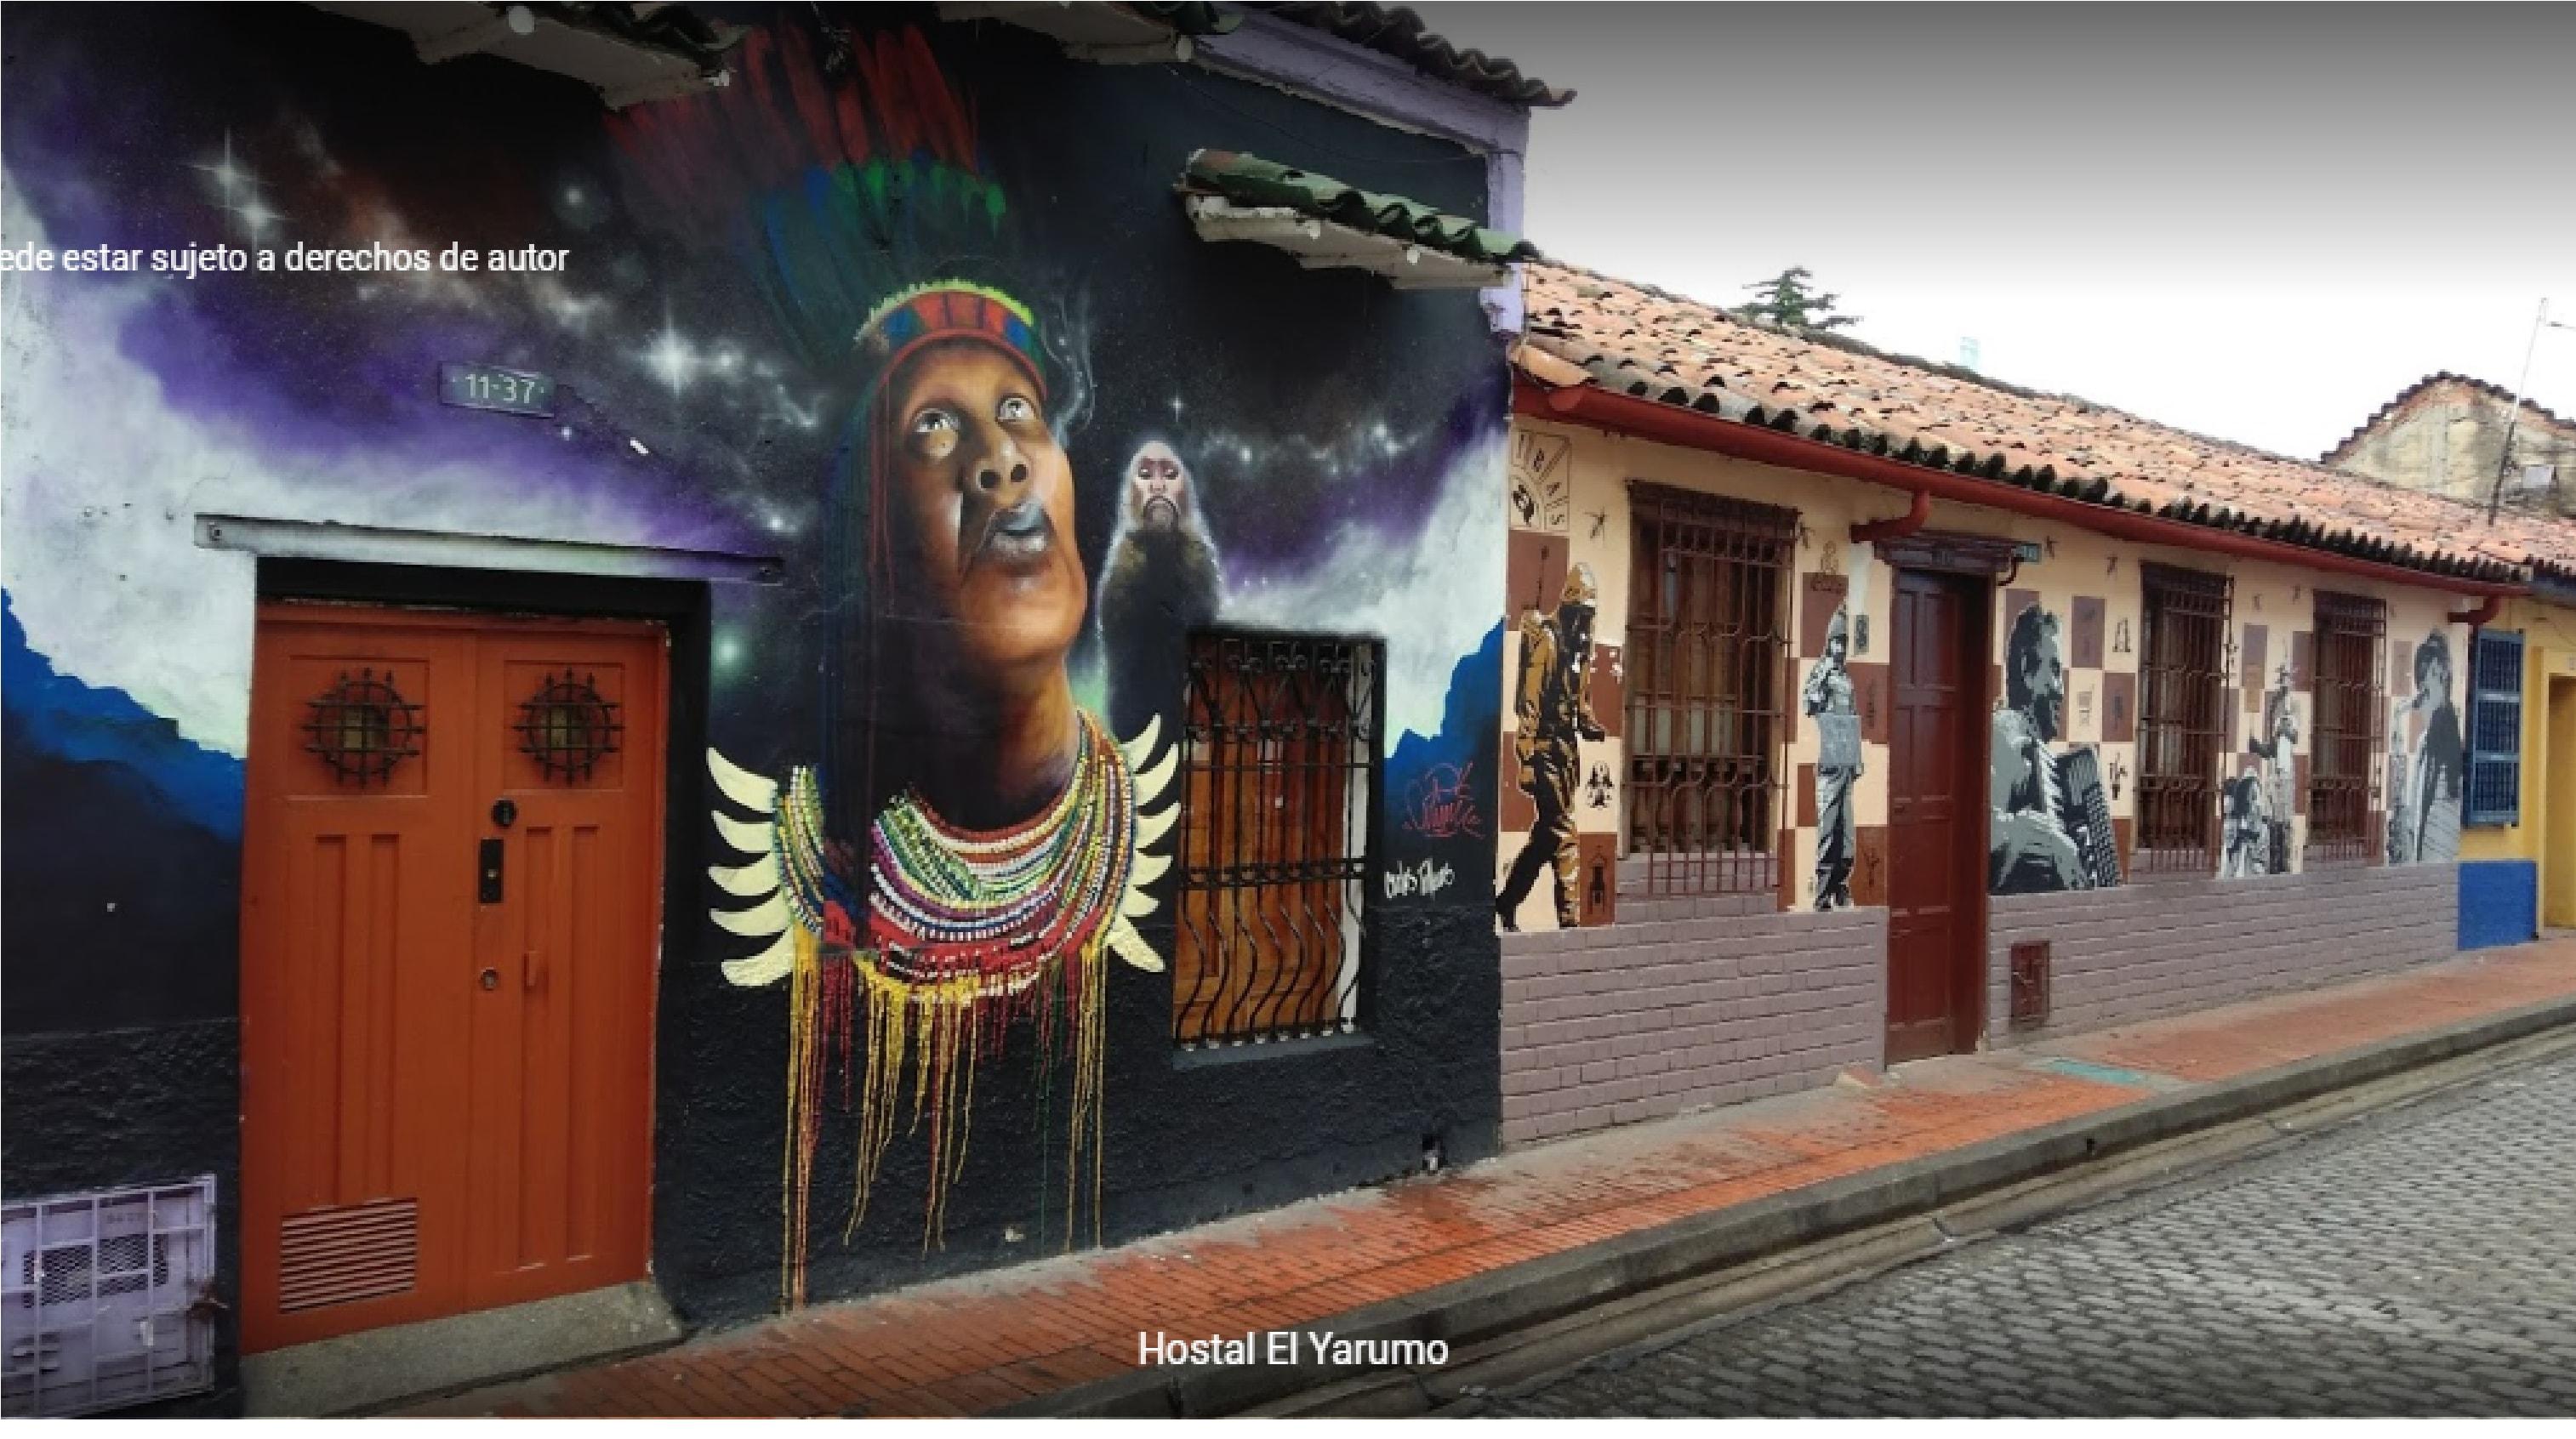 HOSTEL - El Yarumo